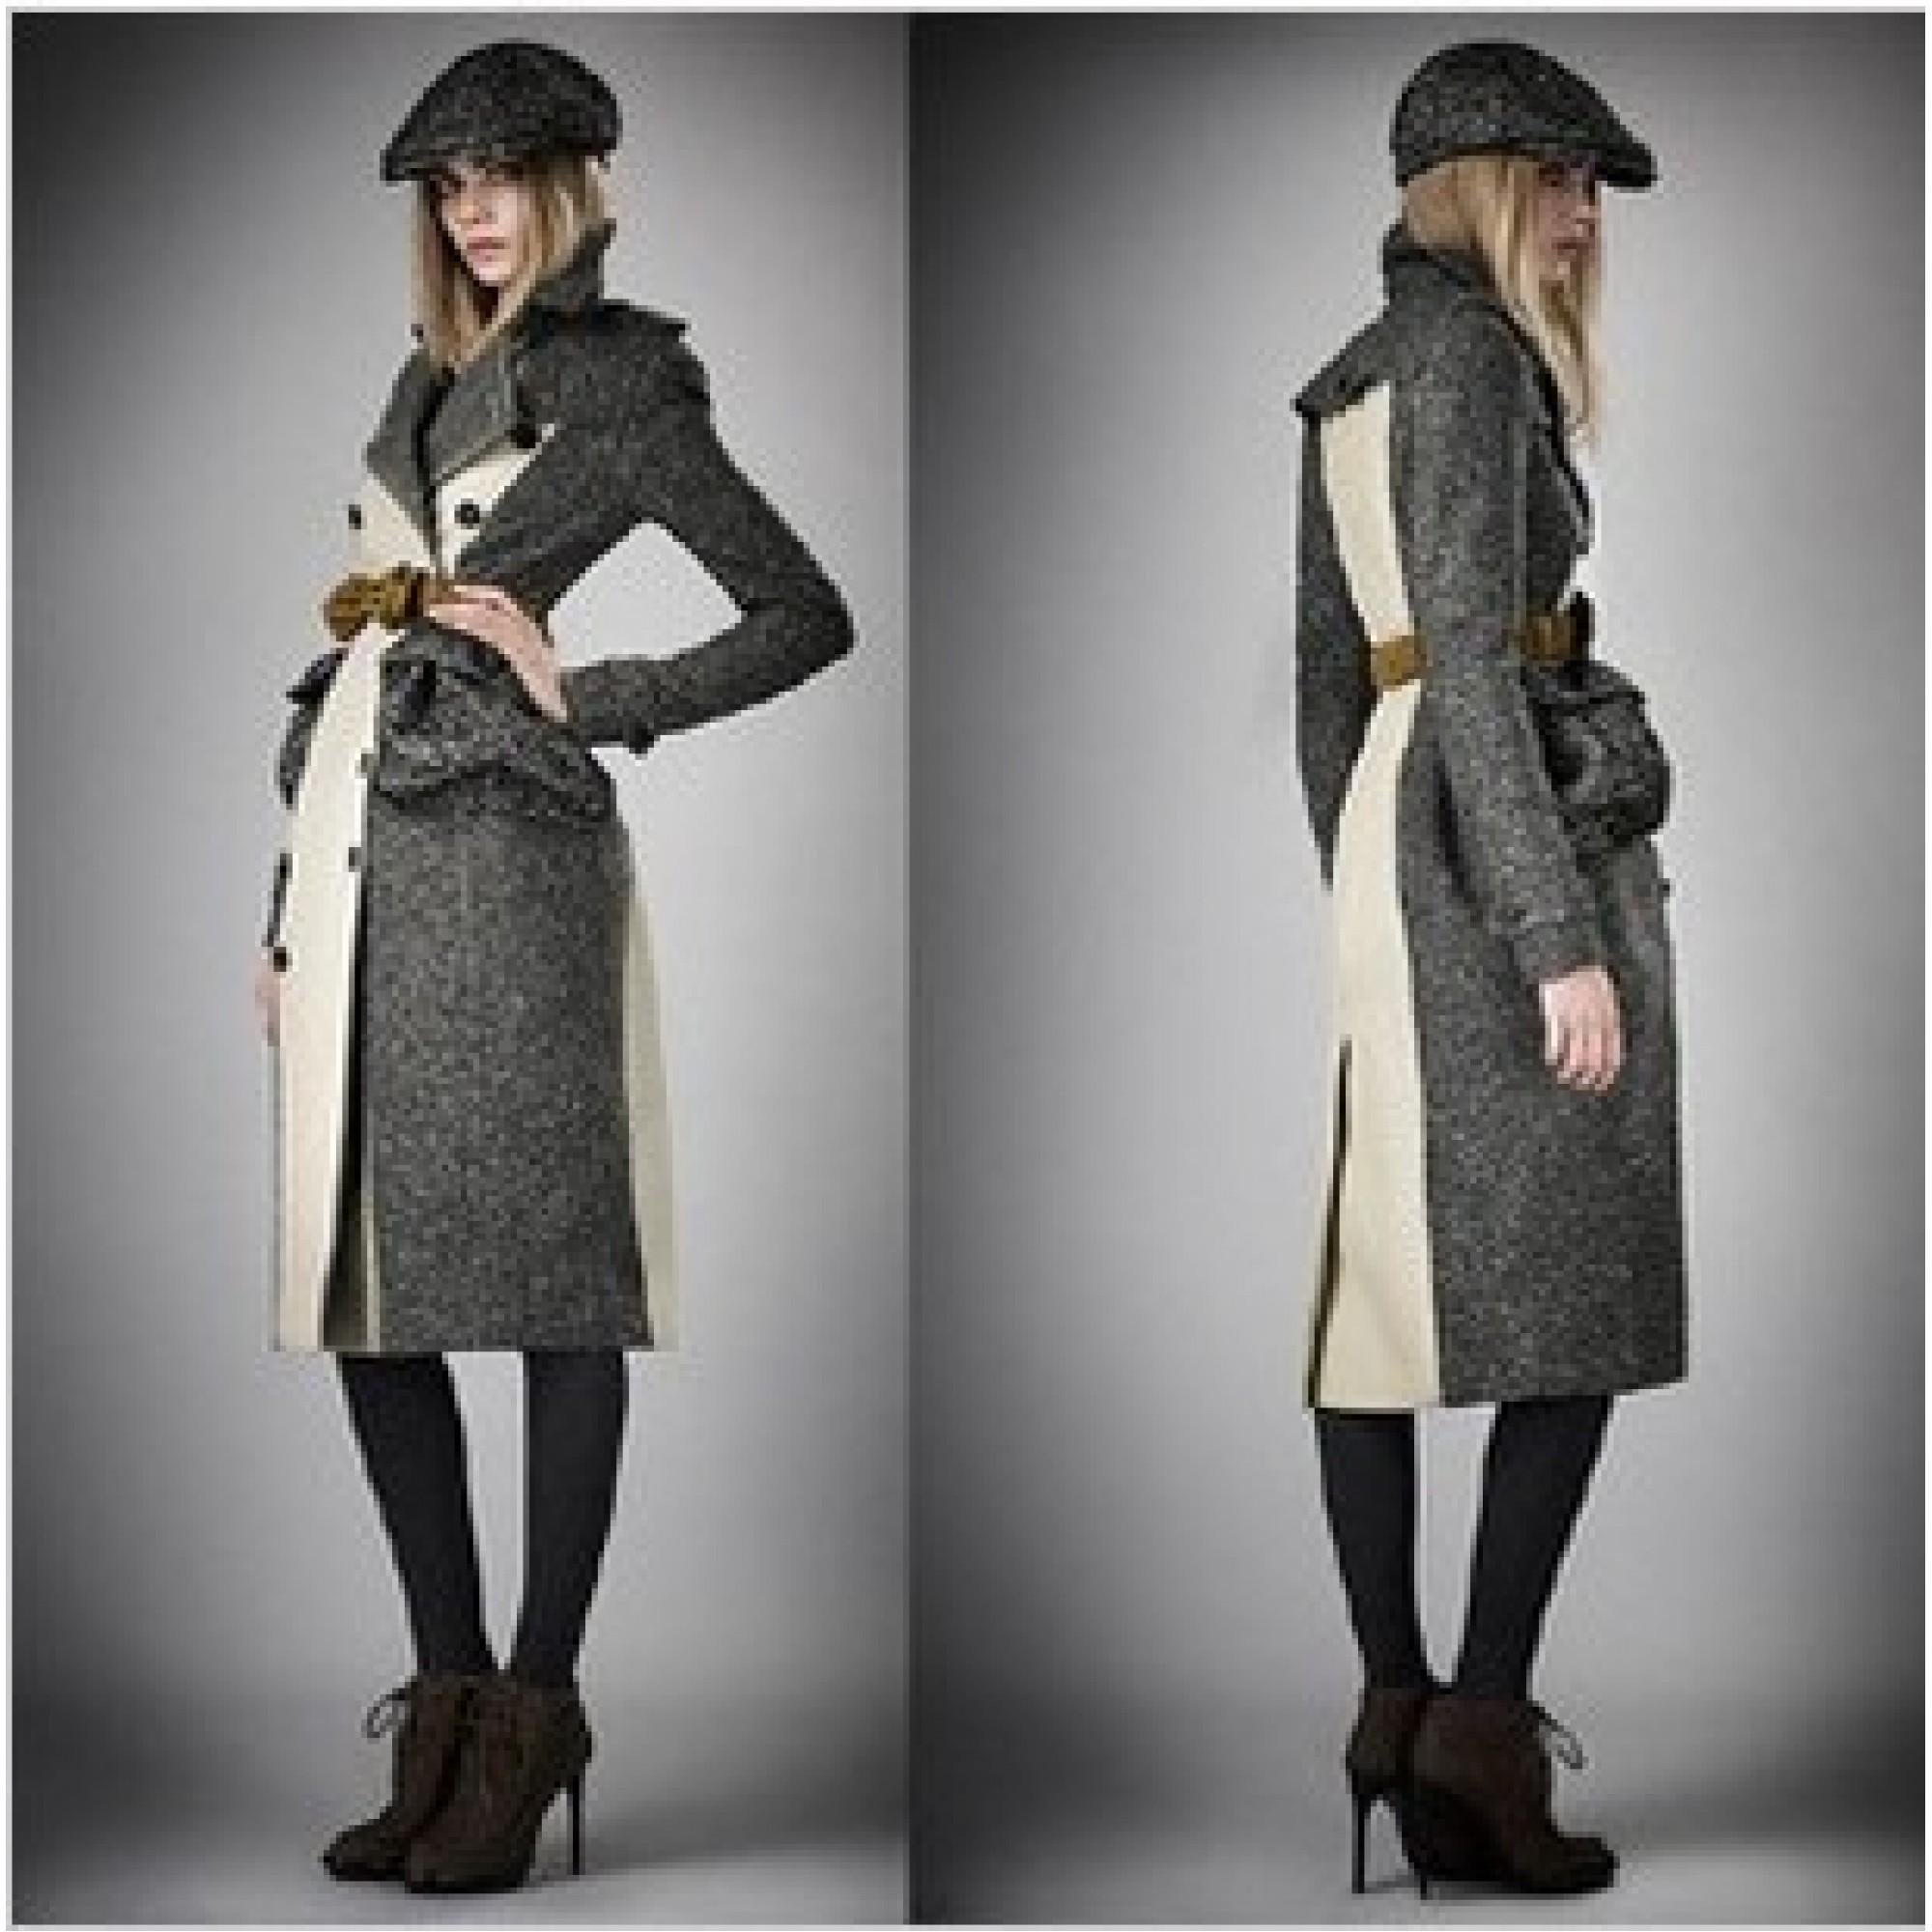 Купить серое женское пальто Burberry — в Киеве, код товара 7480 ec0db260833